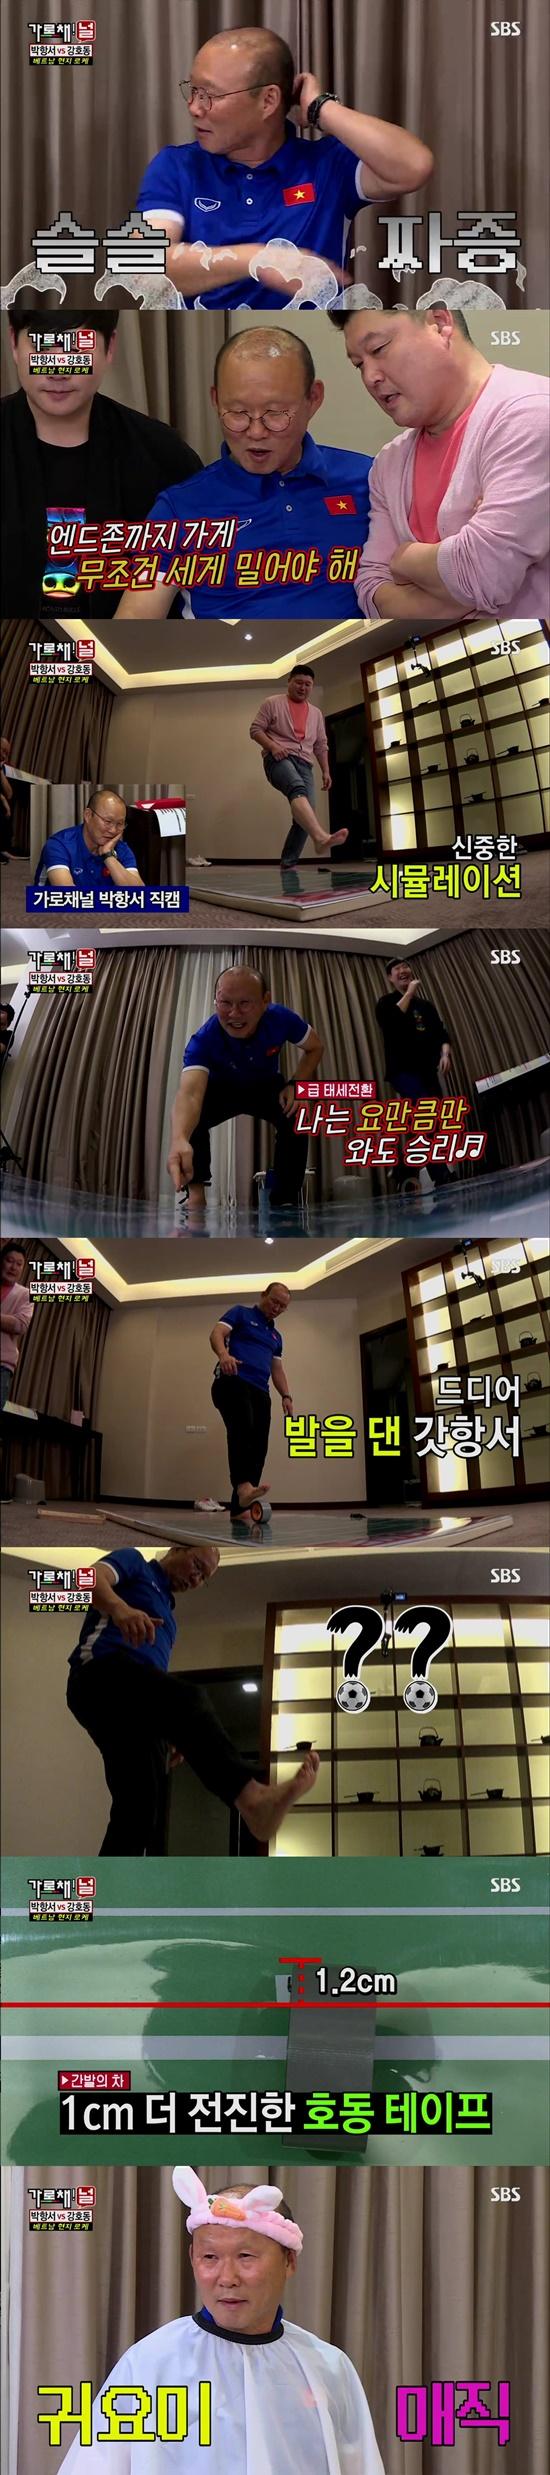 '가로채널' 승부사 박항서, 반전 헛발질…최고의 1분